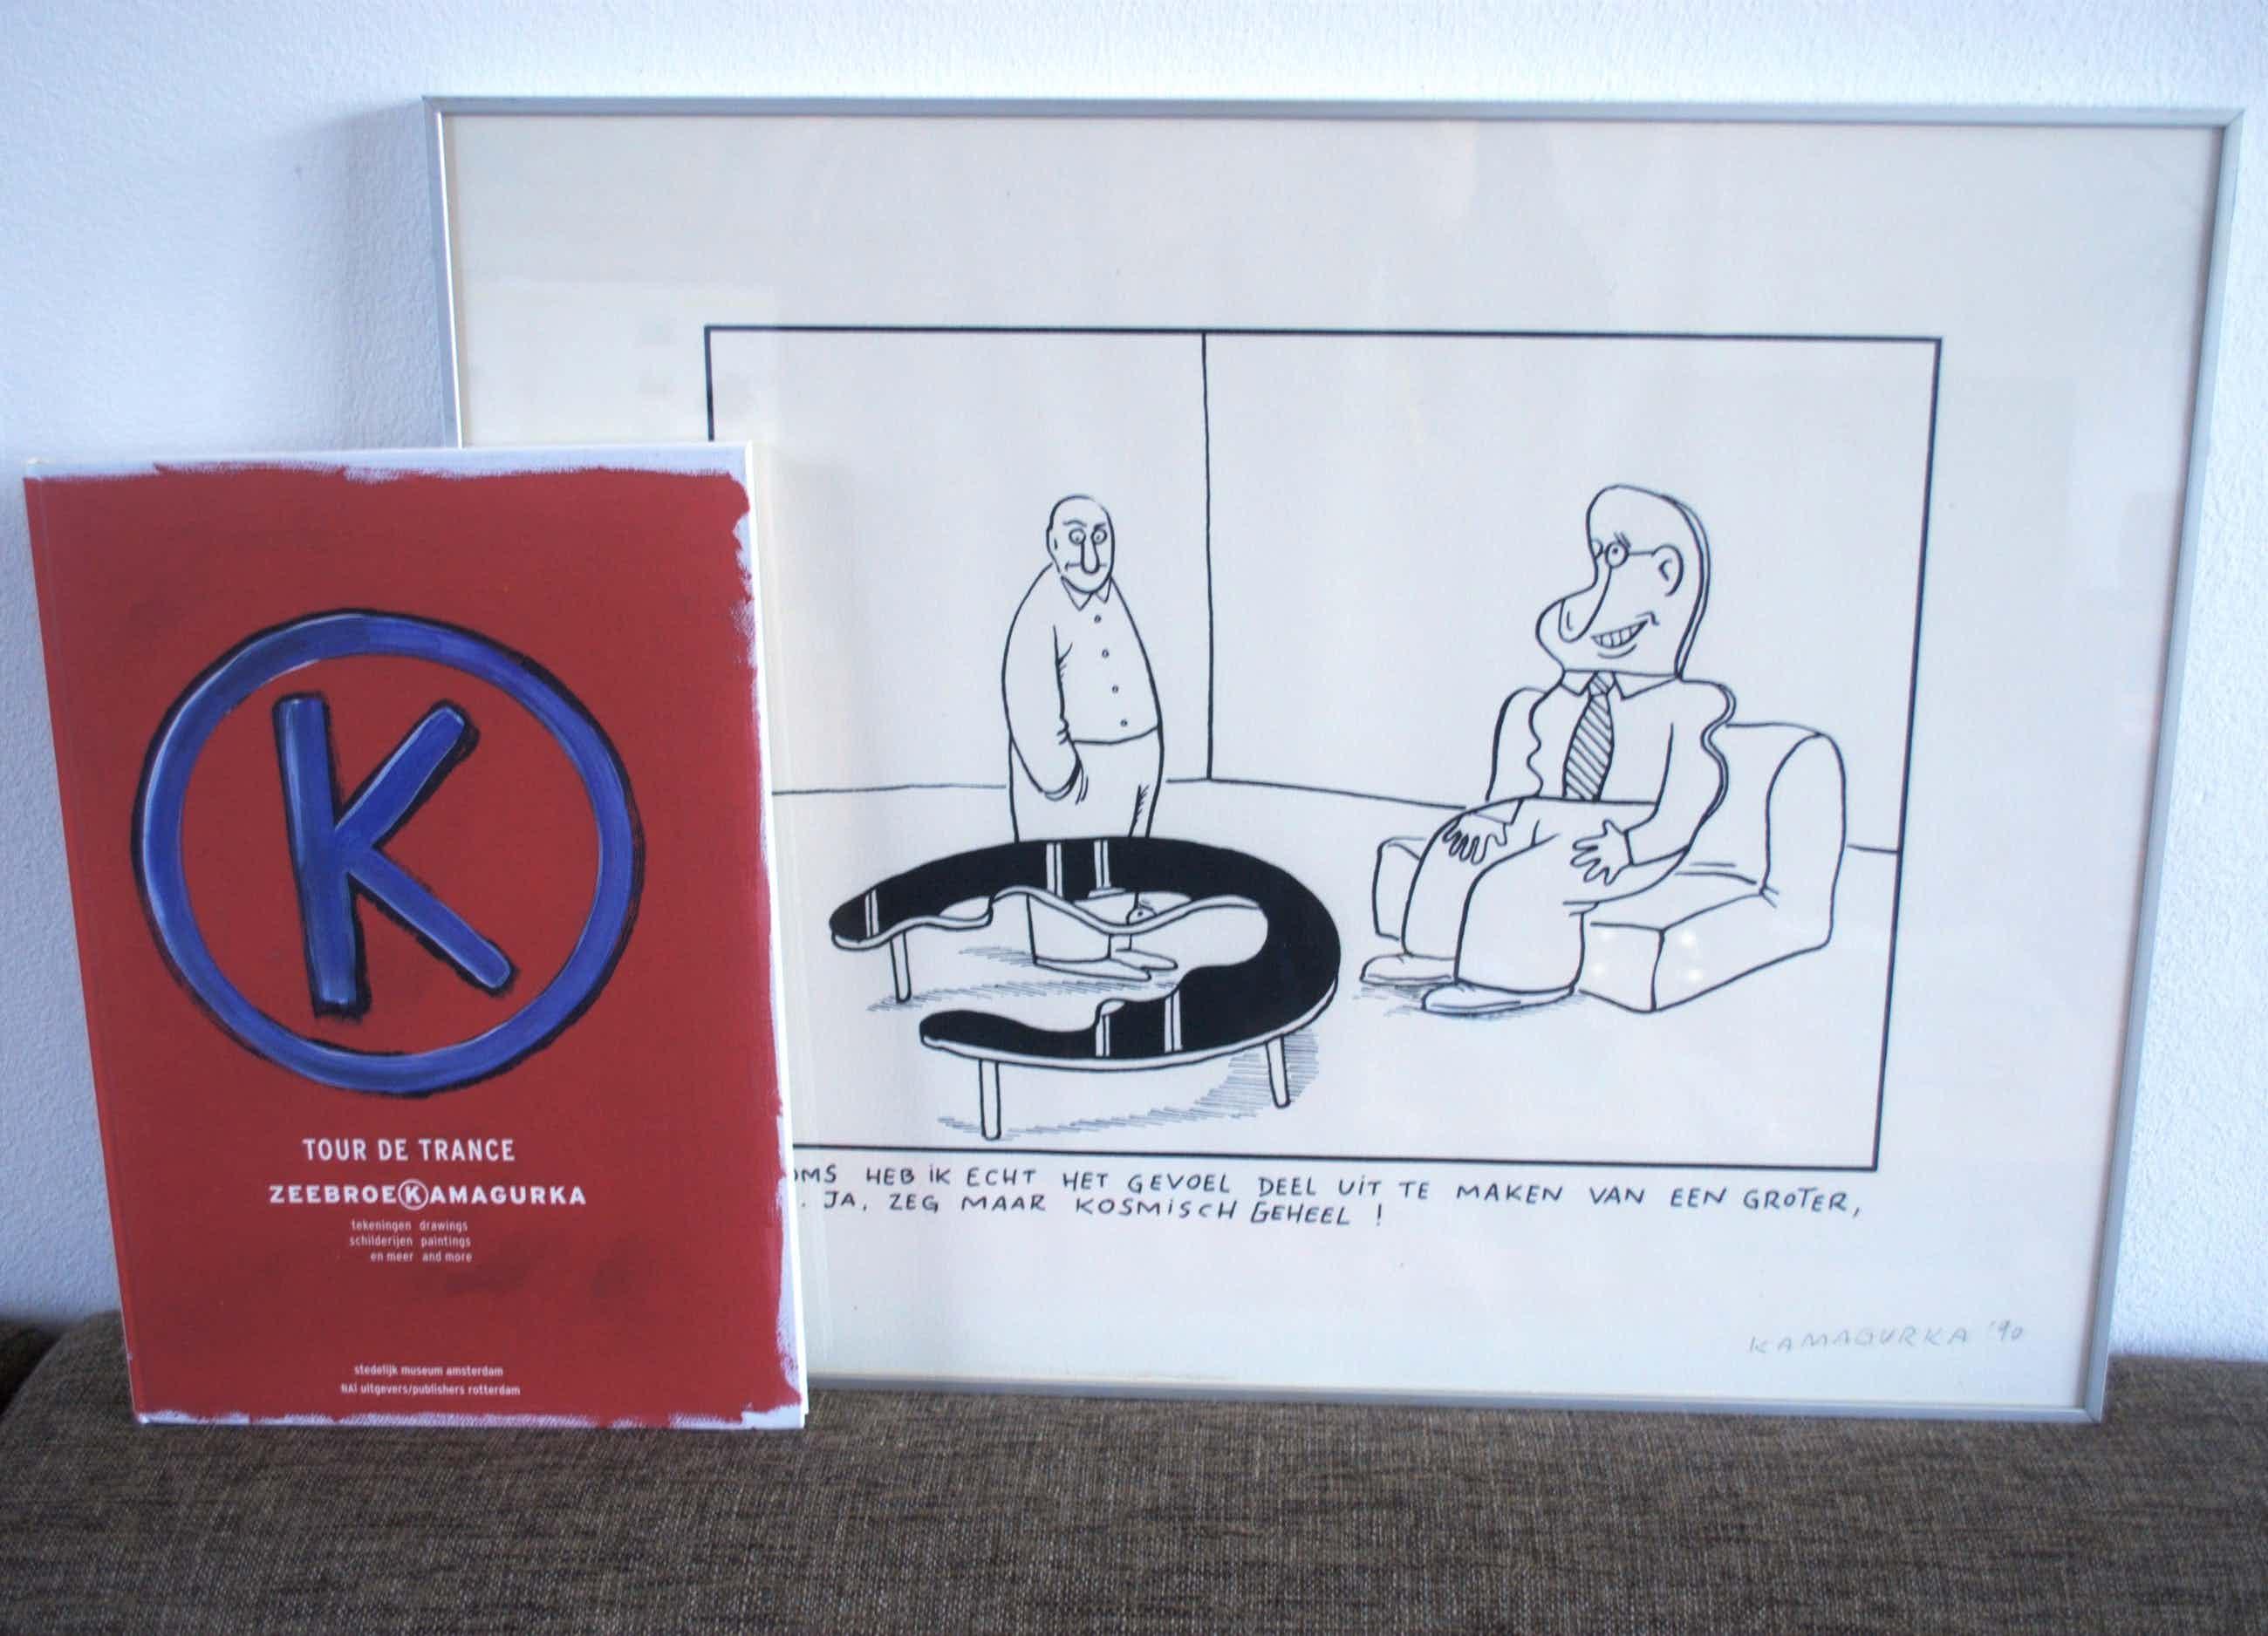 Kamagurka - ...een kosmisch geheel...zeefdruk uit 1990, incl boek uit 2002 kopen? Bied vanaf 100!